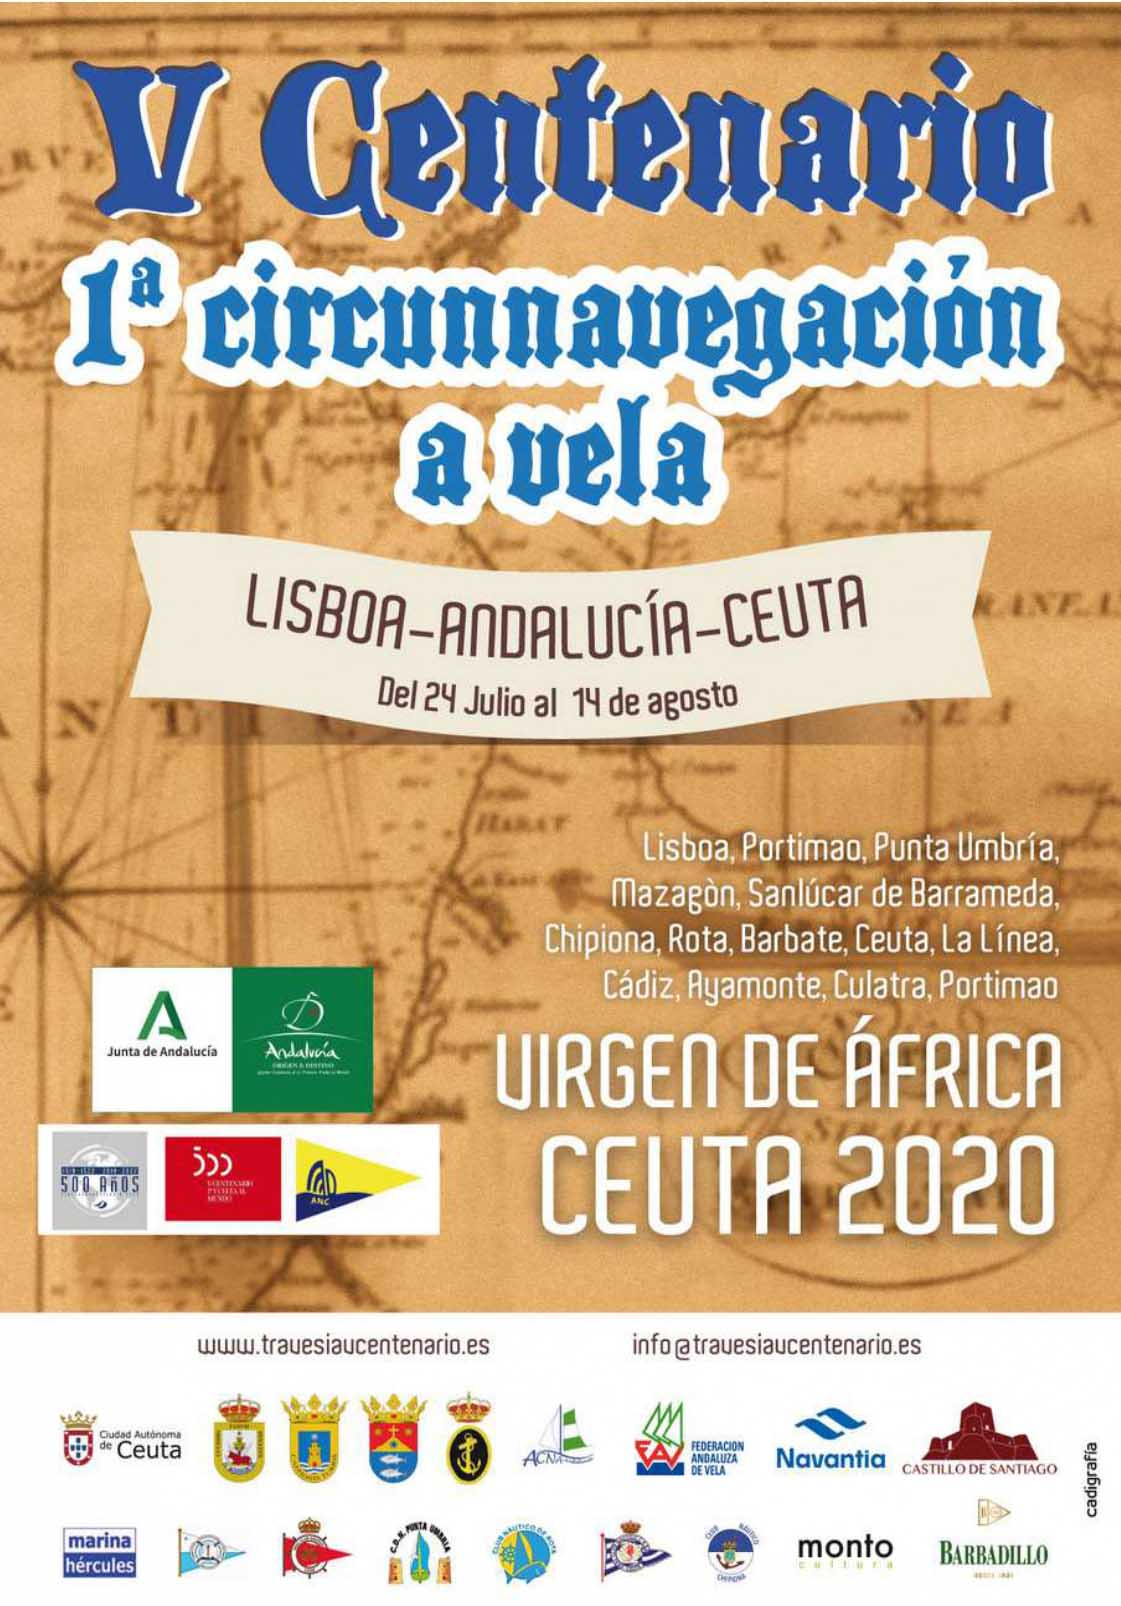 PRESENTAMOS EL CARTEL DE LA TRAVESÍA LISBOA-ANDALUCÍA-CEUTA 2020